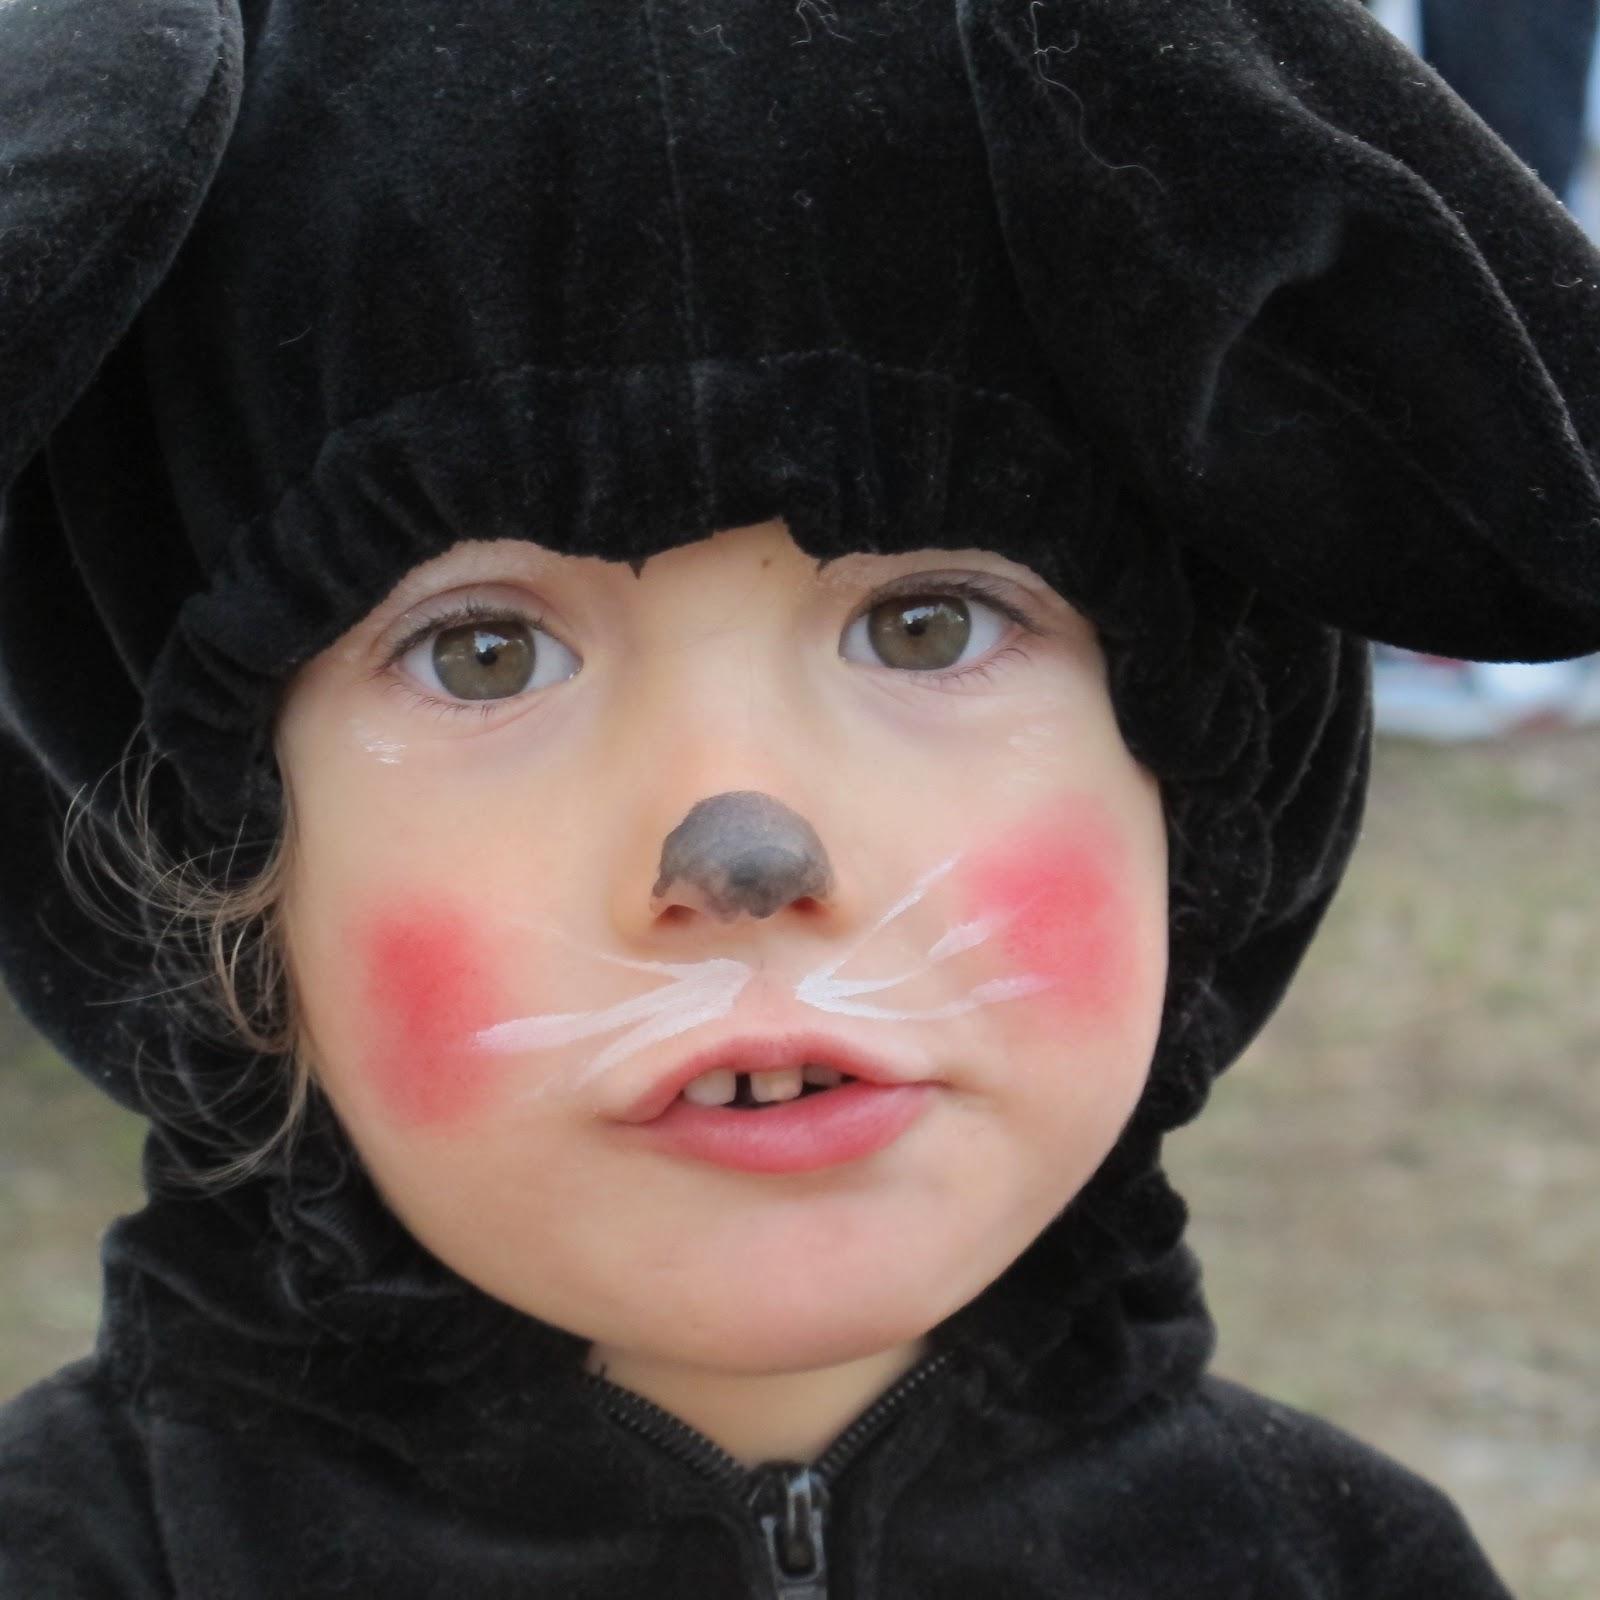 Помогите с костюмом дочке на новый год., макияж кошки